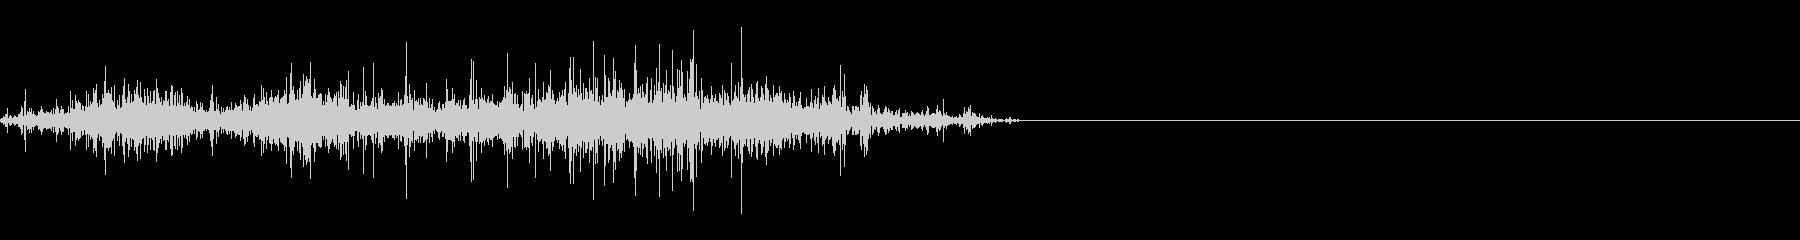 ガサガサとした効果音の未再生の波形